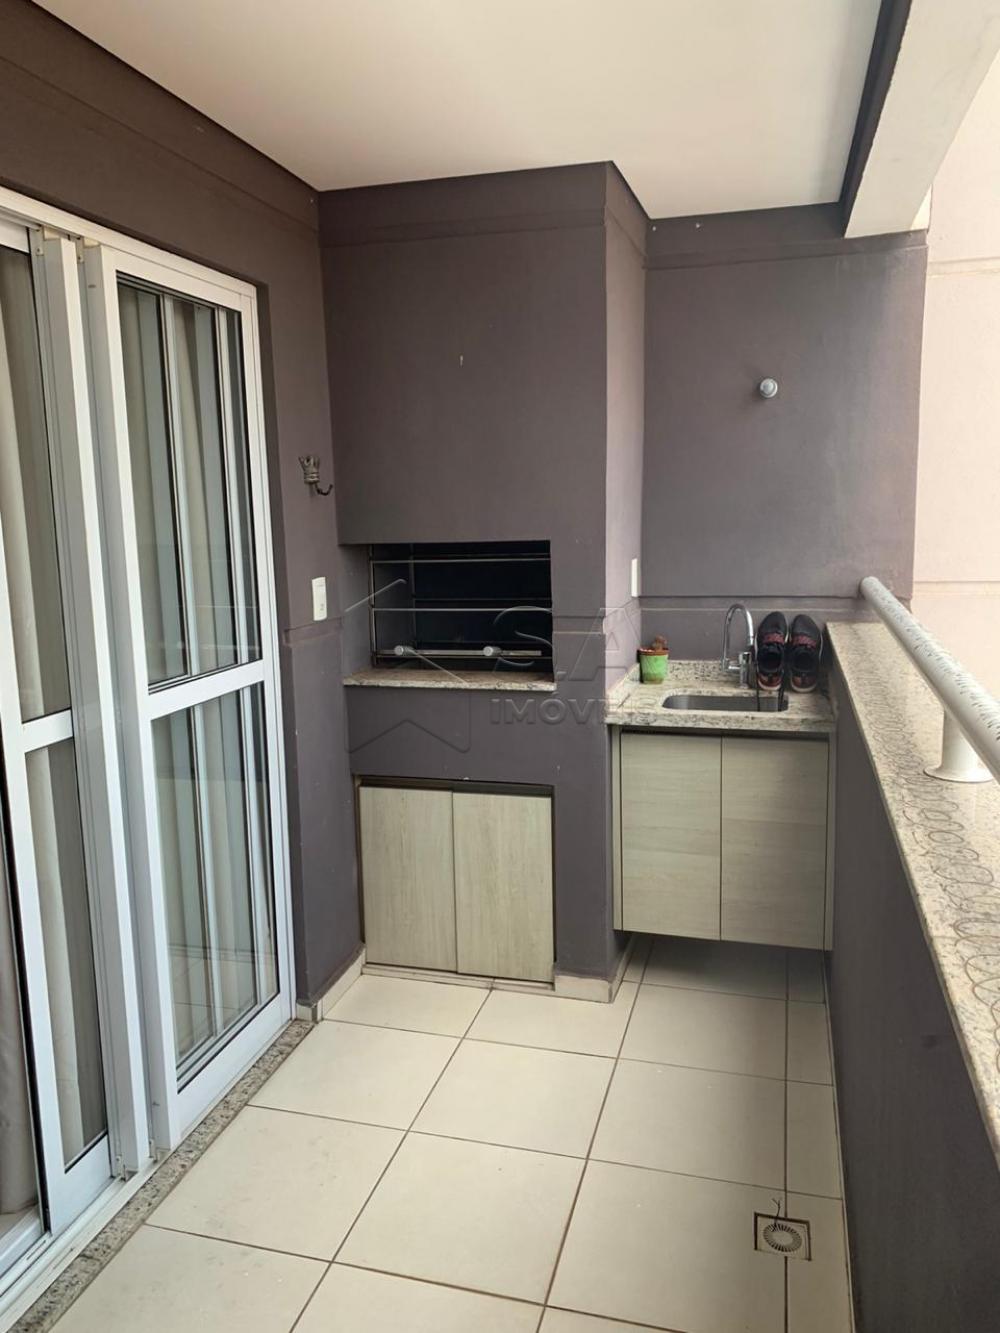 Comprar Apartamento / Padrão em Botucatu R$ 370.000,00 - Foto 13